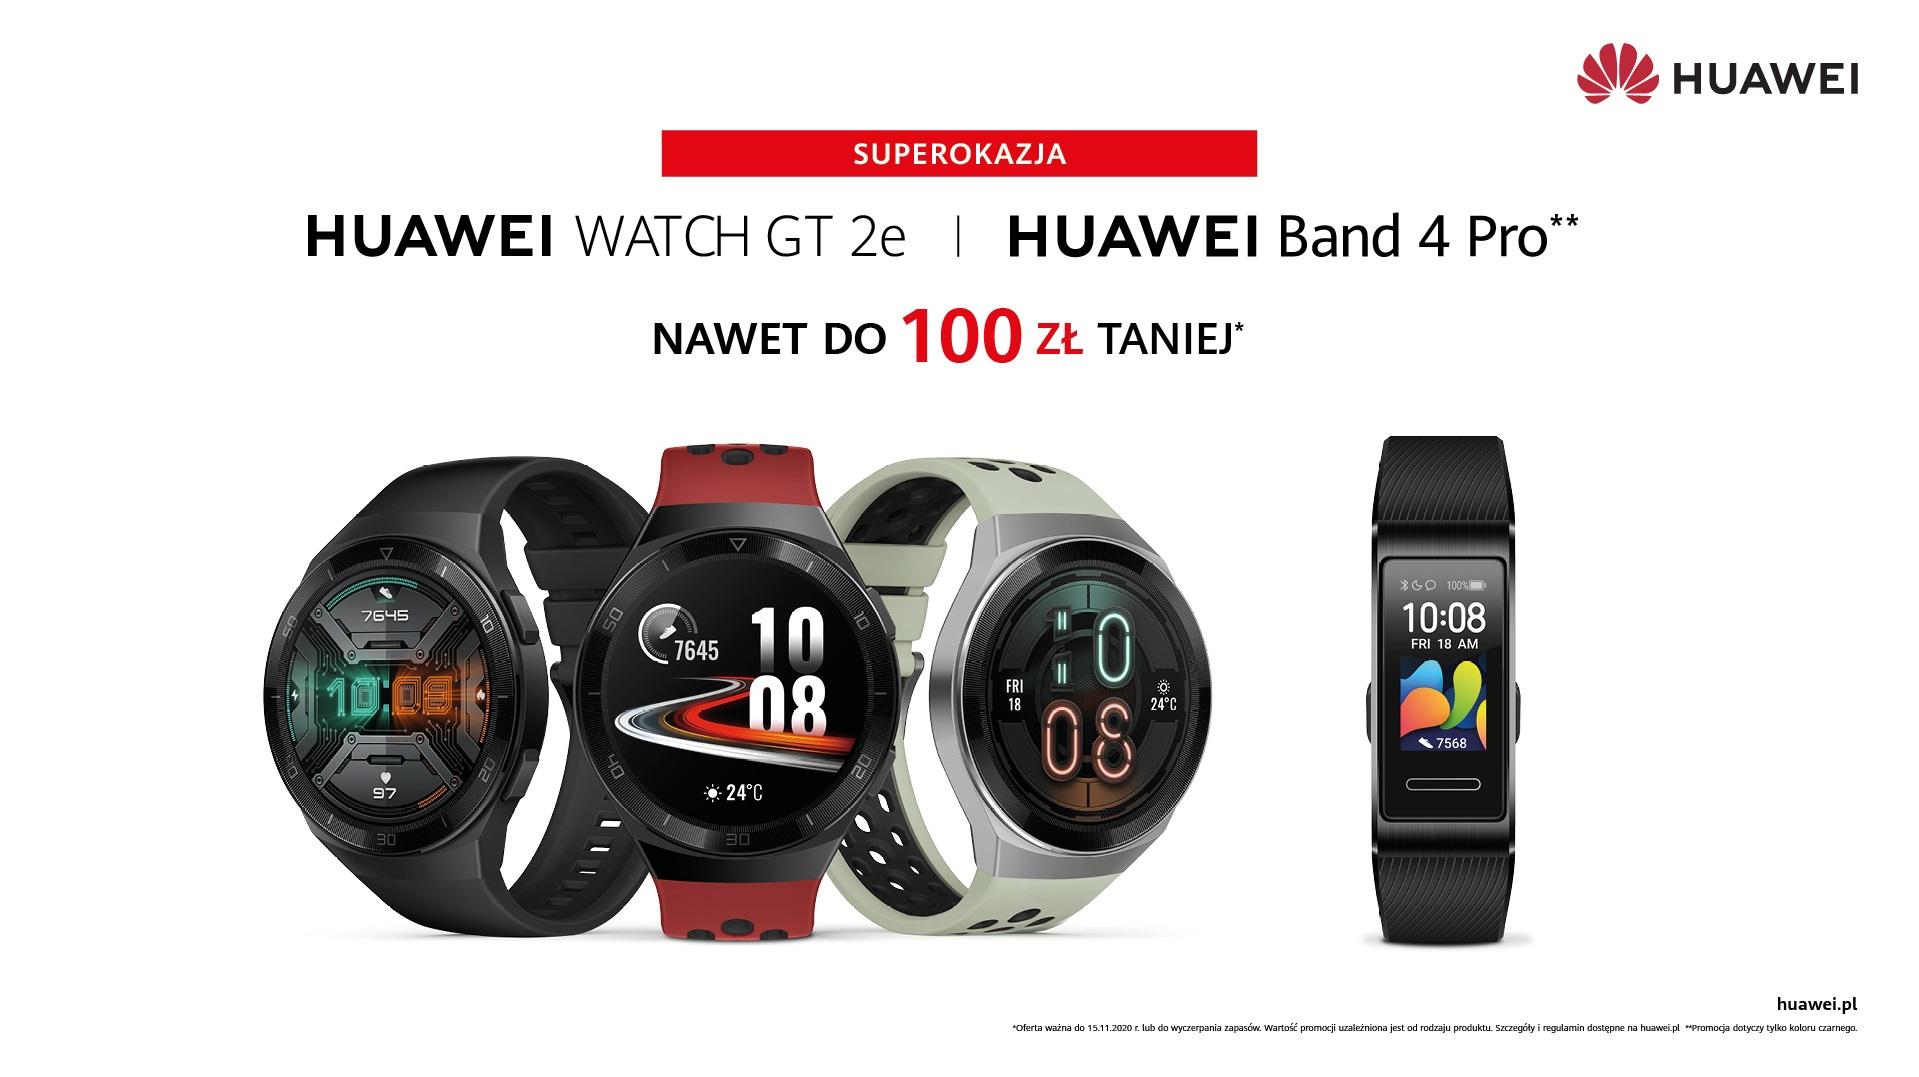 promocja Huawei Watch GT 2e Huawei Band 4 Pro